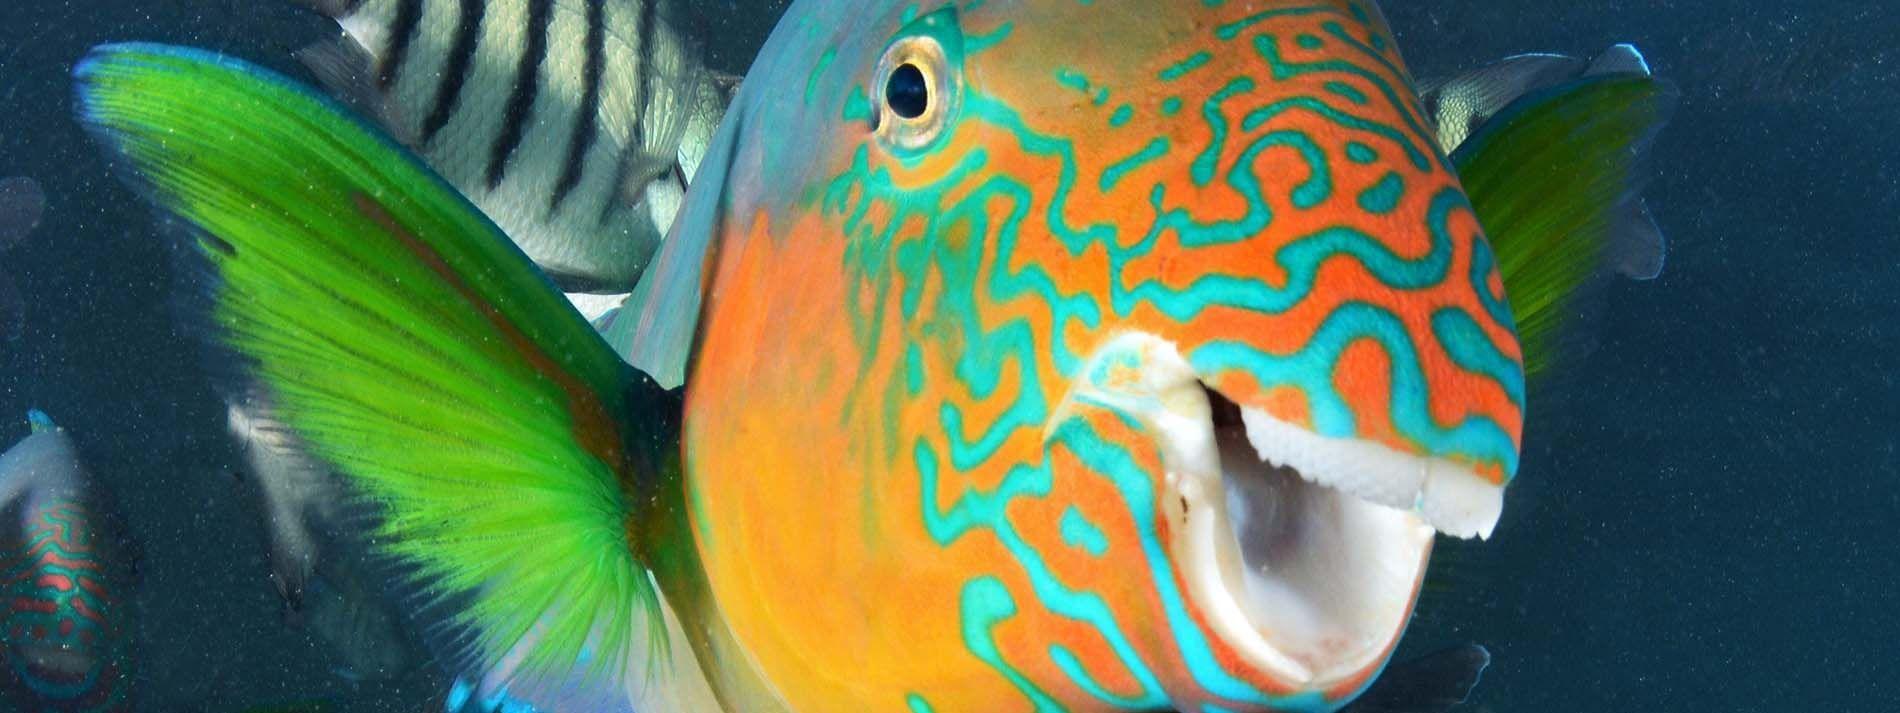 Closeup view of fish at Reef Aquarium in Daydream Island Resort